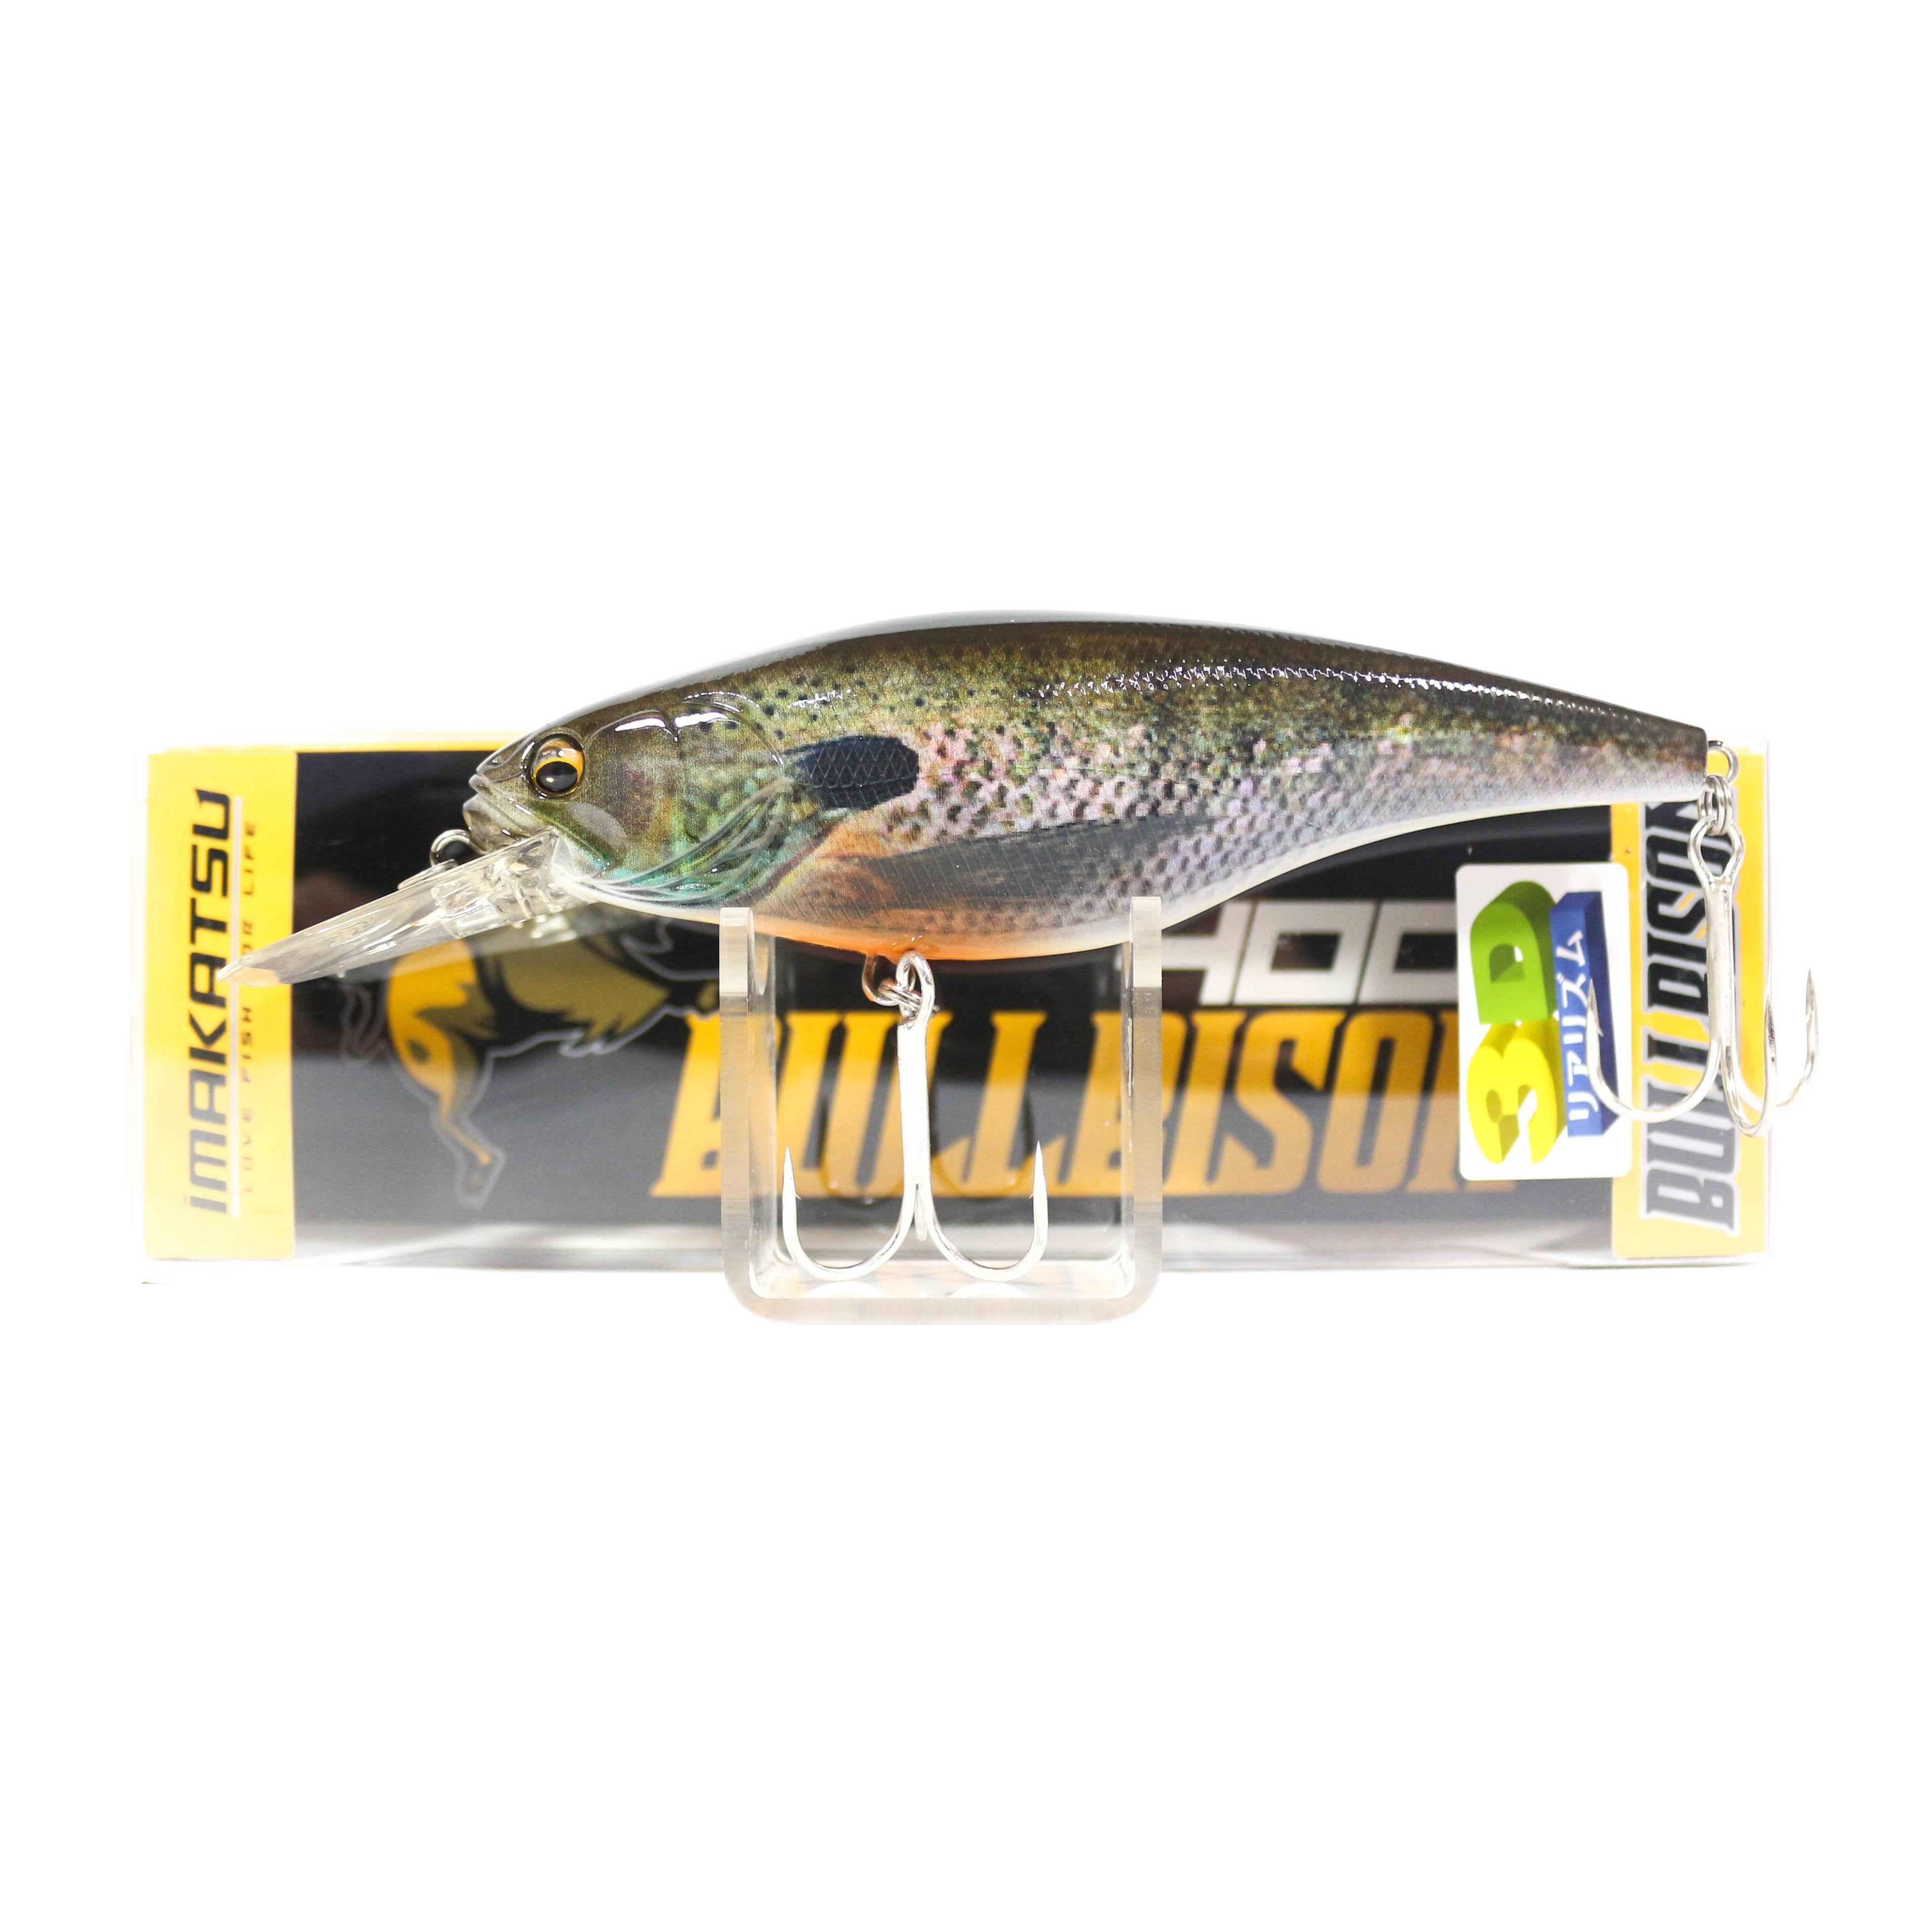 Imakatsu Bullbison 400 3D Realism Crank Bait Floating Lure 598 (5314)